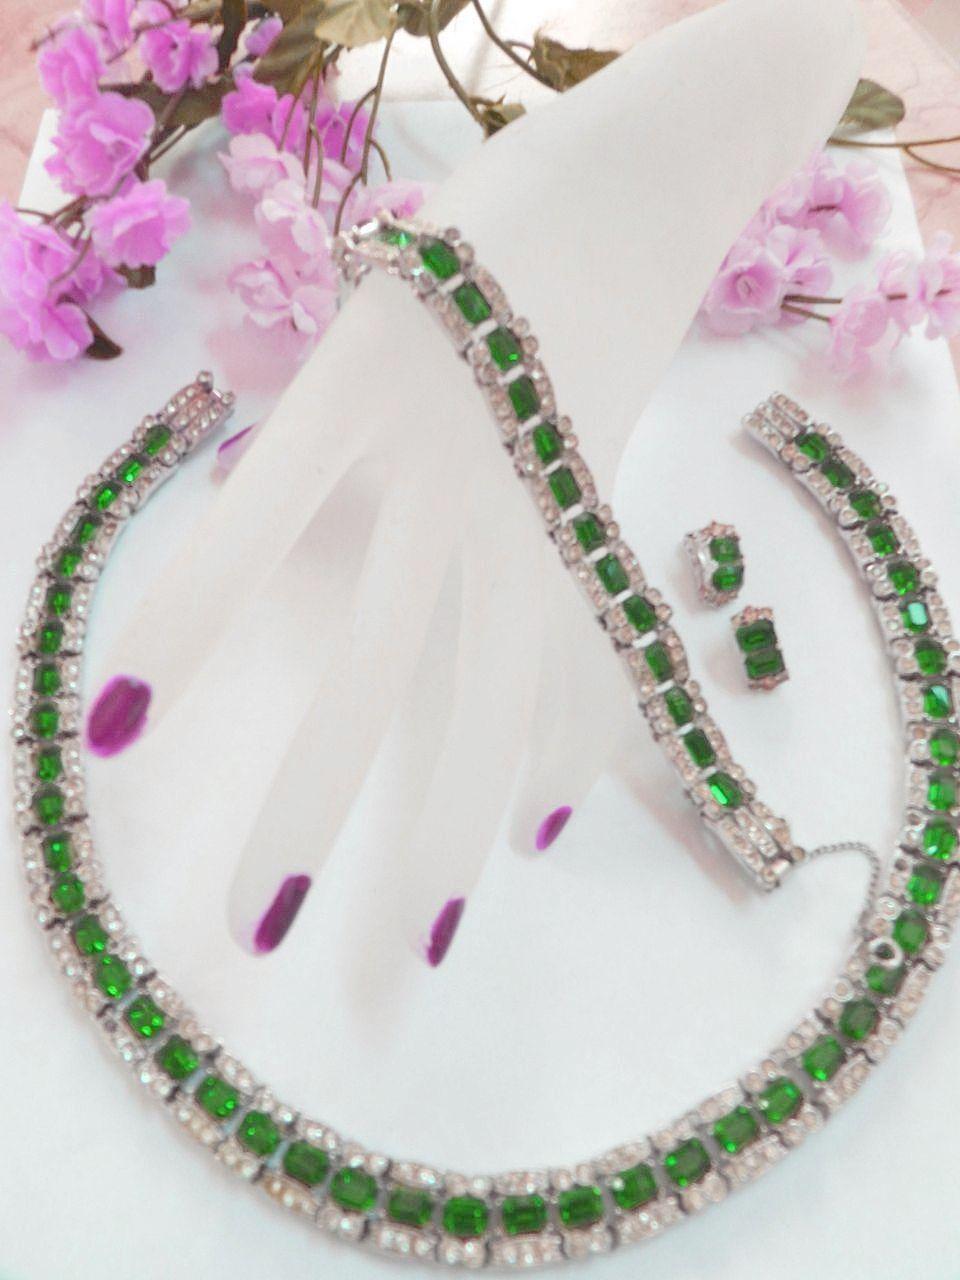 Breathtaking Heavy Bogoff Emerald Green Vintage Necklace Bracelet earrings